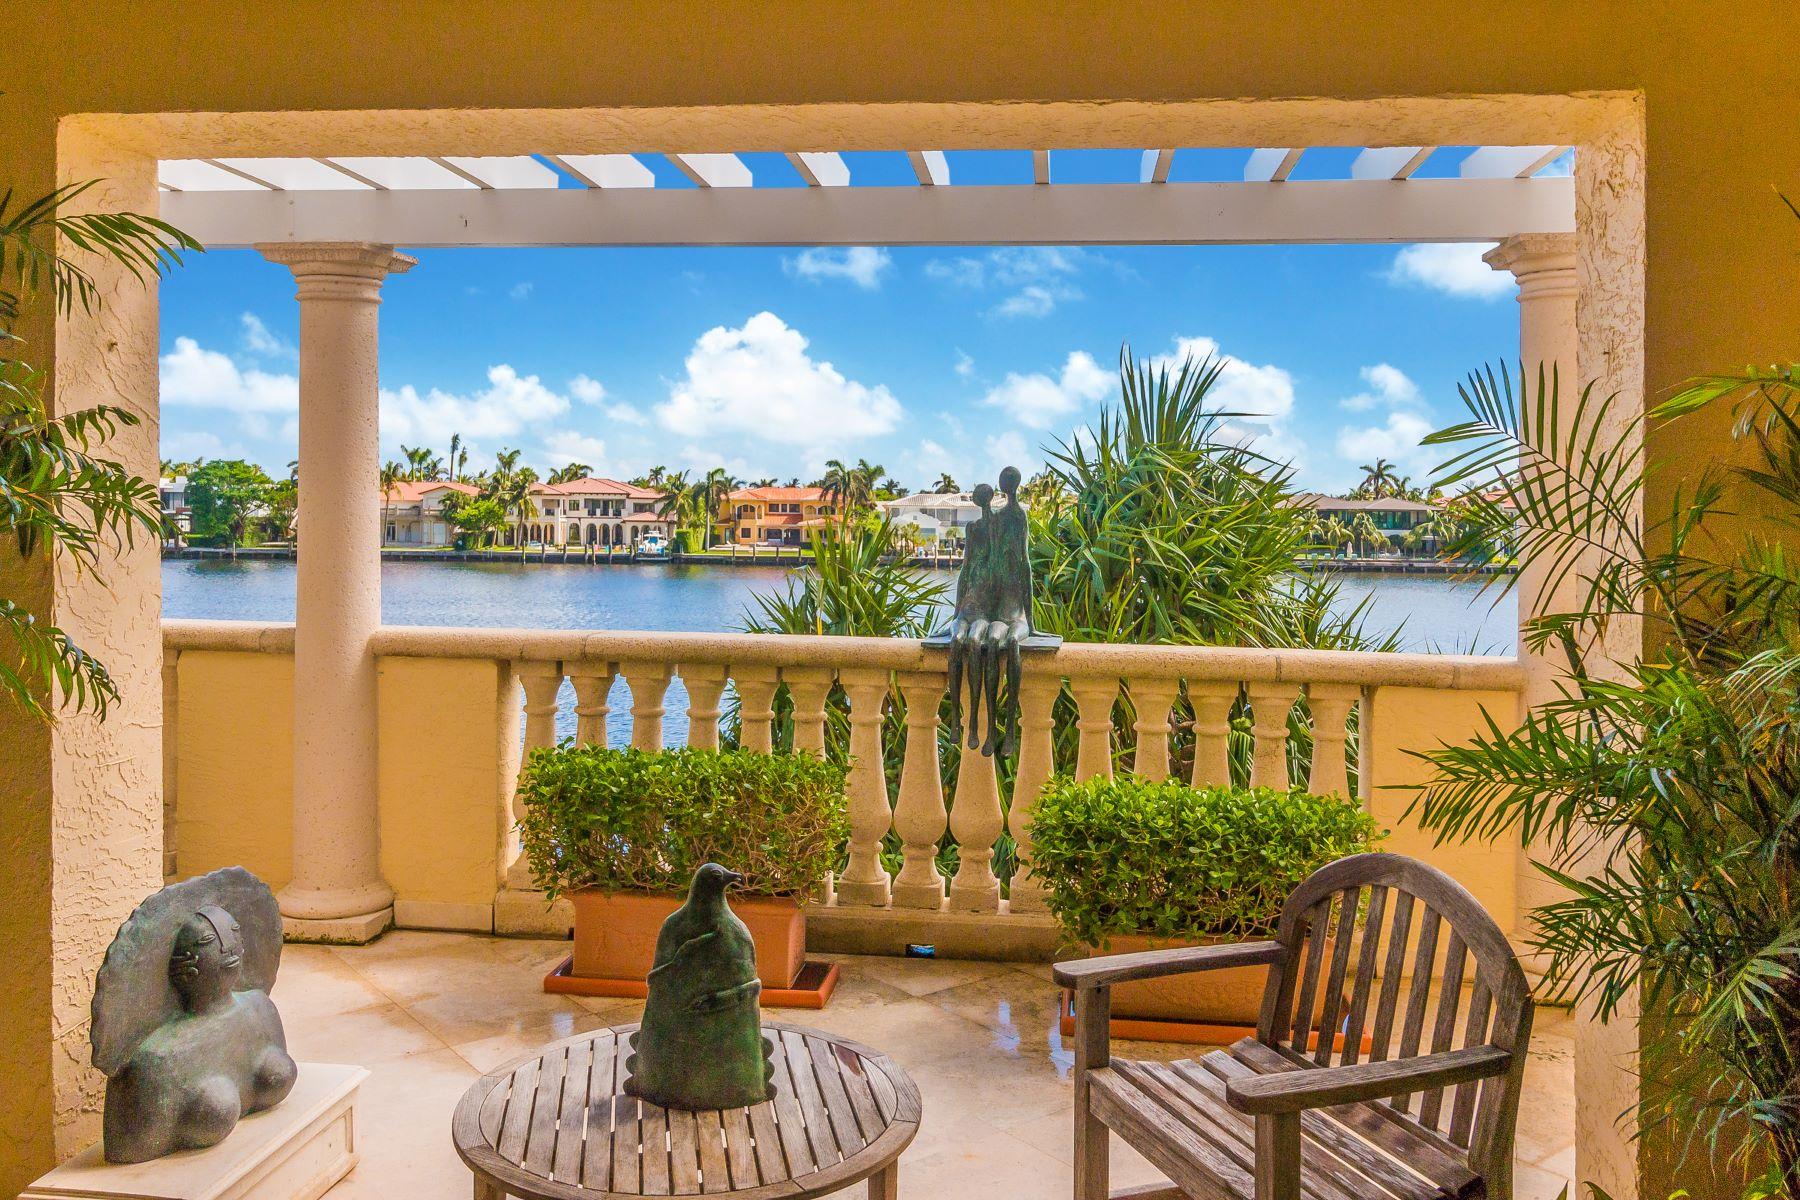 Condominium for Sale at 19925 Ne 39th Pl 19925 Ne 39th Pl 203, Aventura, Florida, 33180 United States